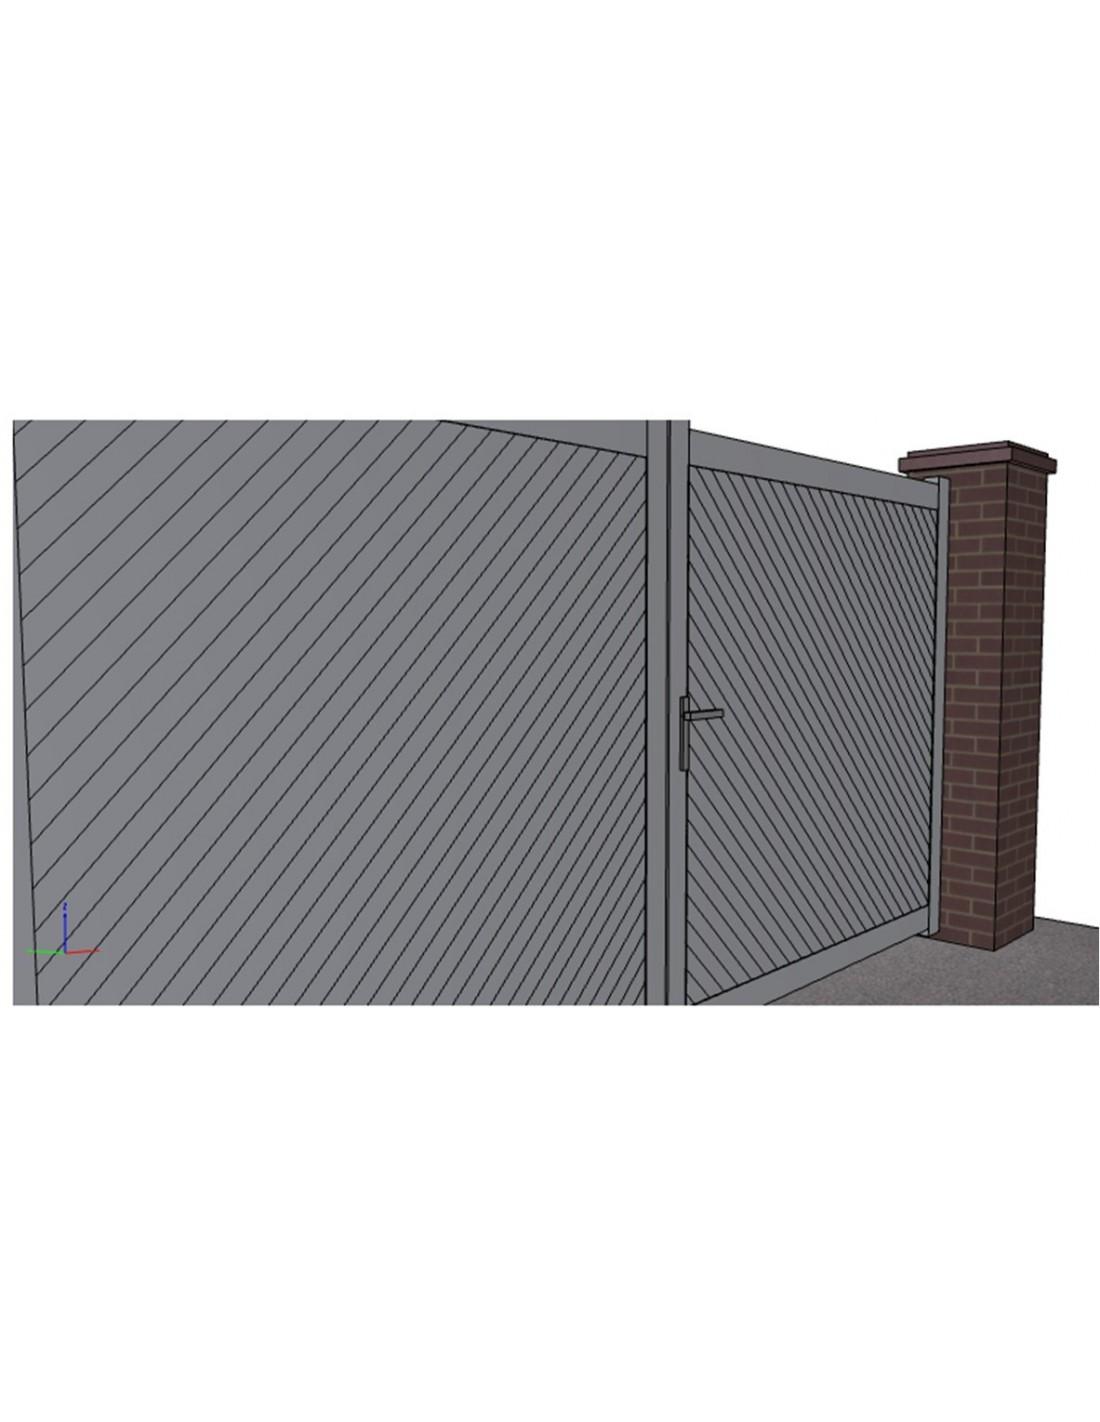 portail aluminium ouvrant plein droit lames en diagonale. Black Bedroom Furniture Sets. Home Design Ideas